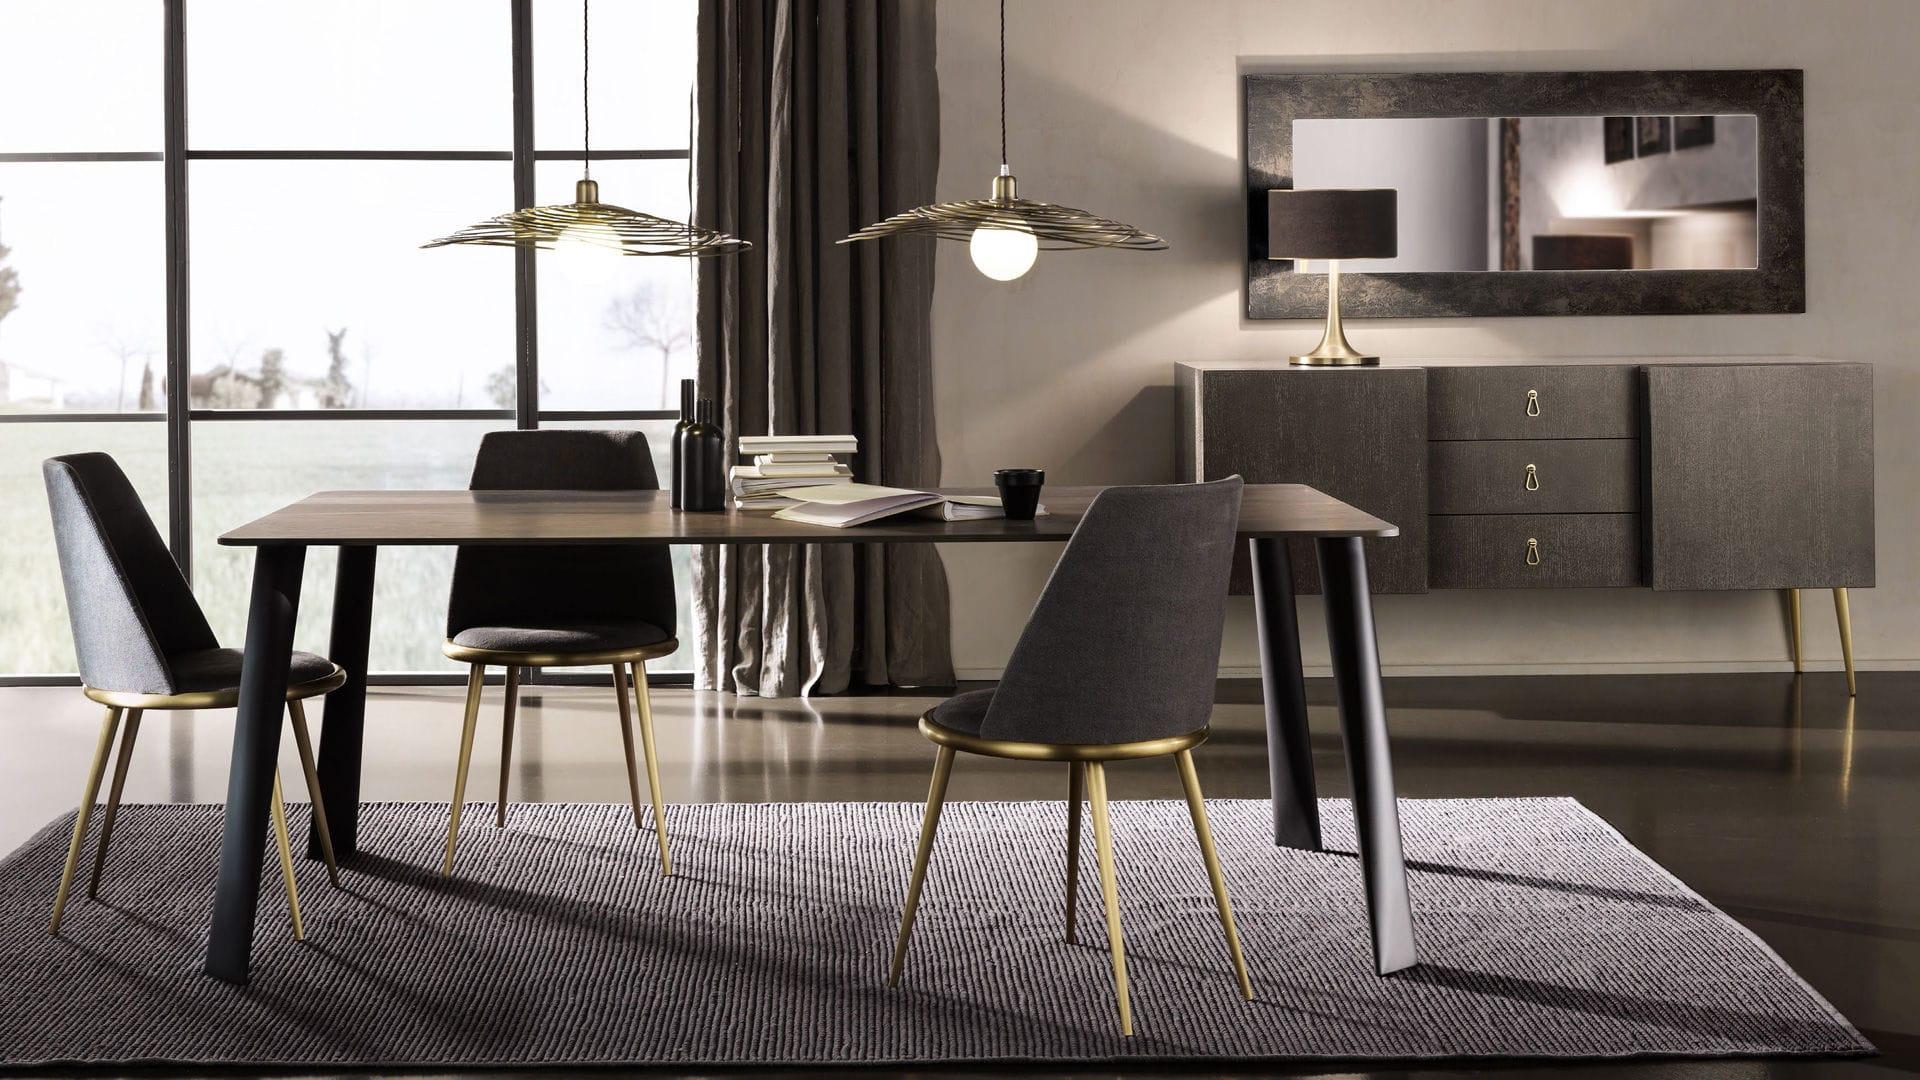 Tavolo Design Legno Ferro : Tavolo da pranzo moderno in legno laccato in acciaio in